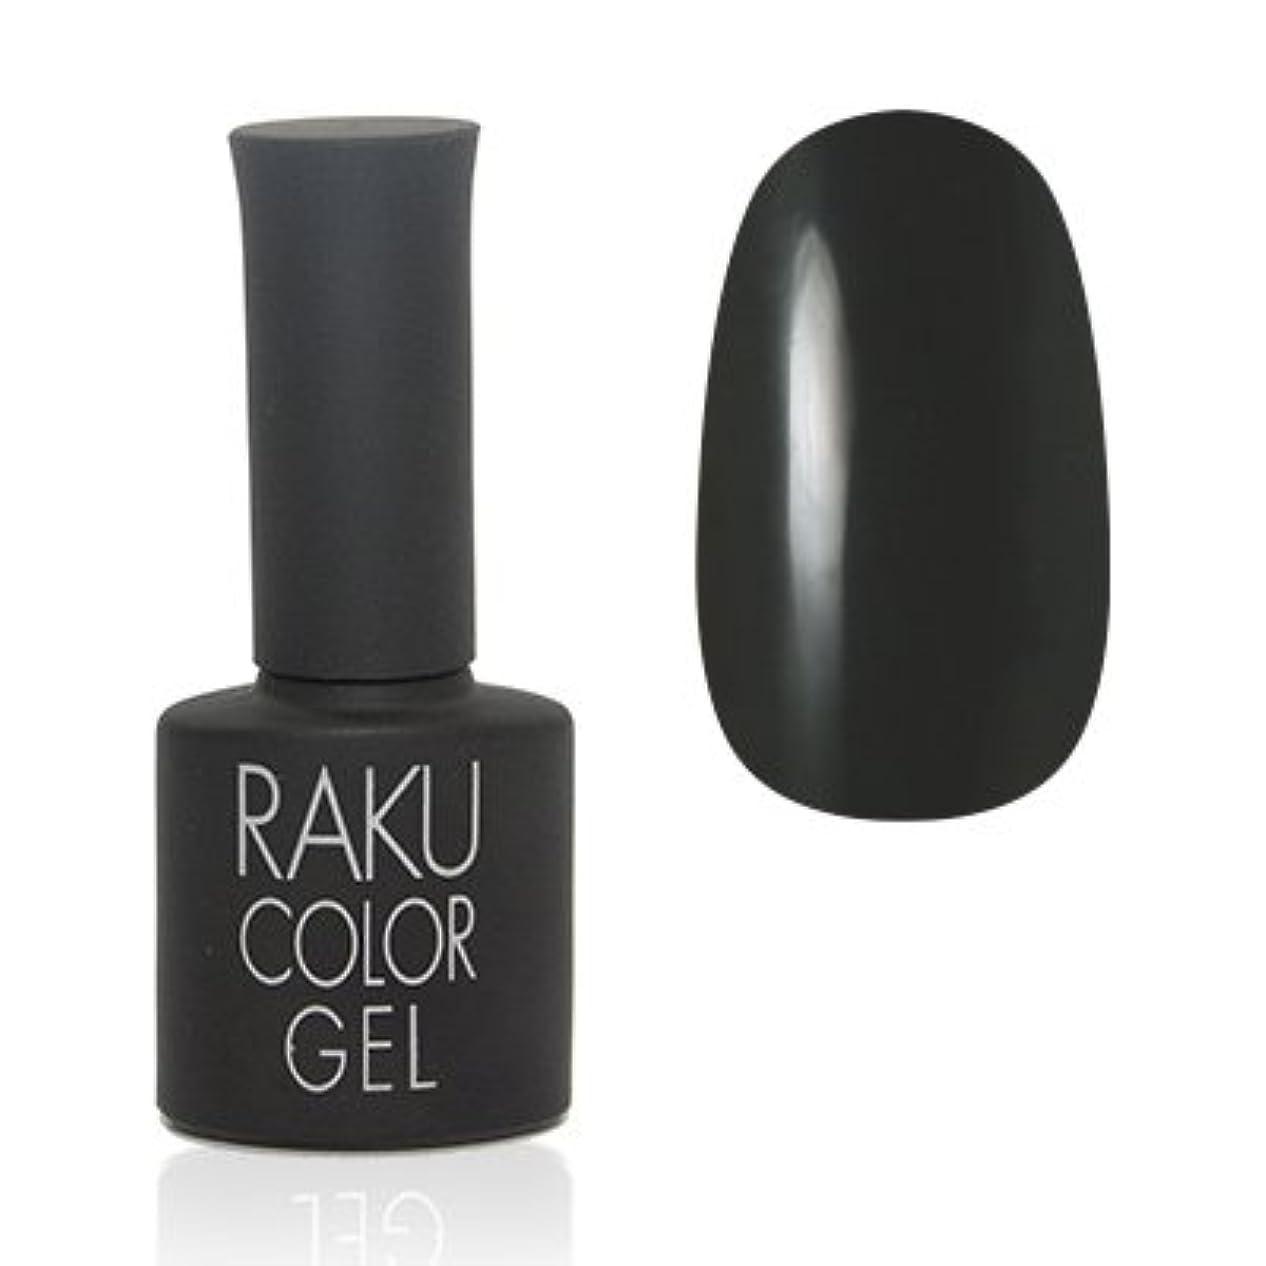 リベラル縫う倒錯ラク カラージェル(31-ブラック)8g 今話題のラクジェル 素早く仕上カラージェル 抜群の発色とツヤ 国産ポリッシュタイプ オールインワン ワンステップジェルネイル RAKU COLOR GEL #31